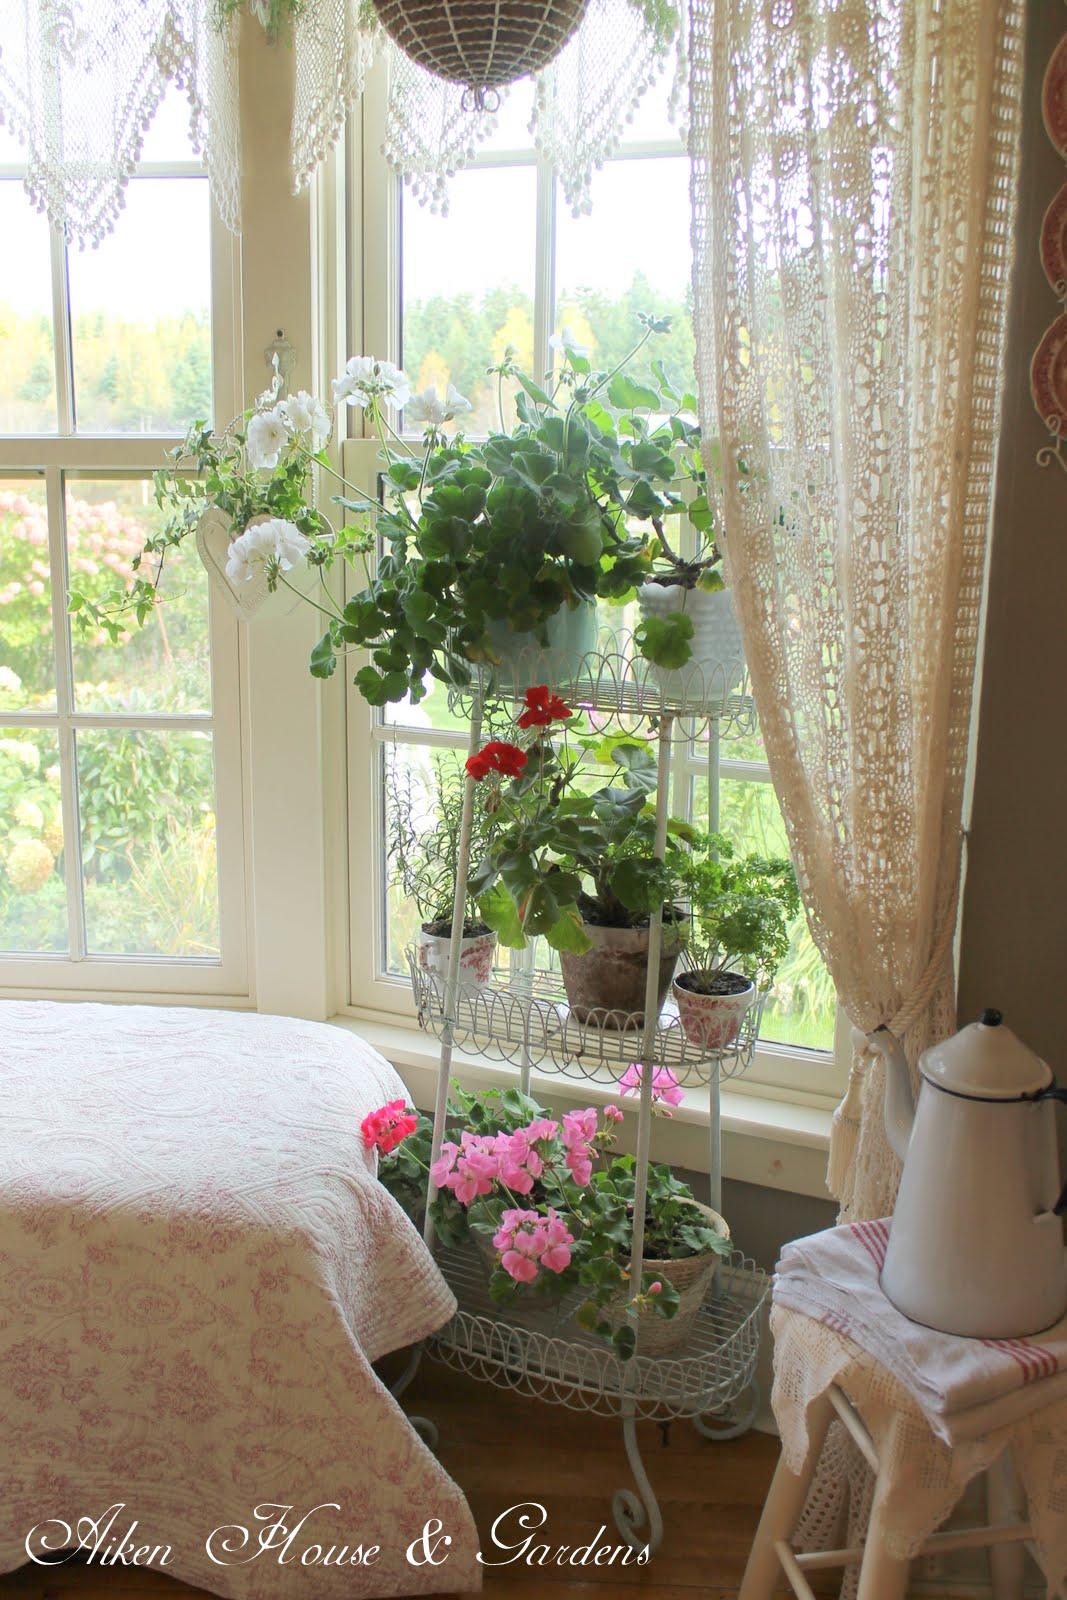 aiken house gardens inside out. Black Bedroom Furniture Sets. Home Design Ideas